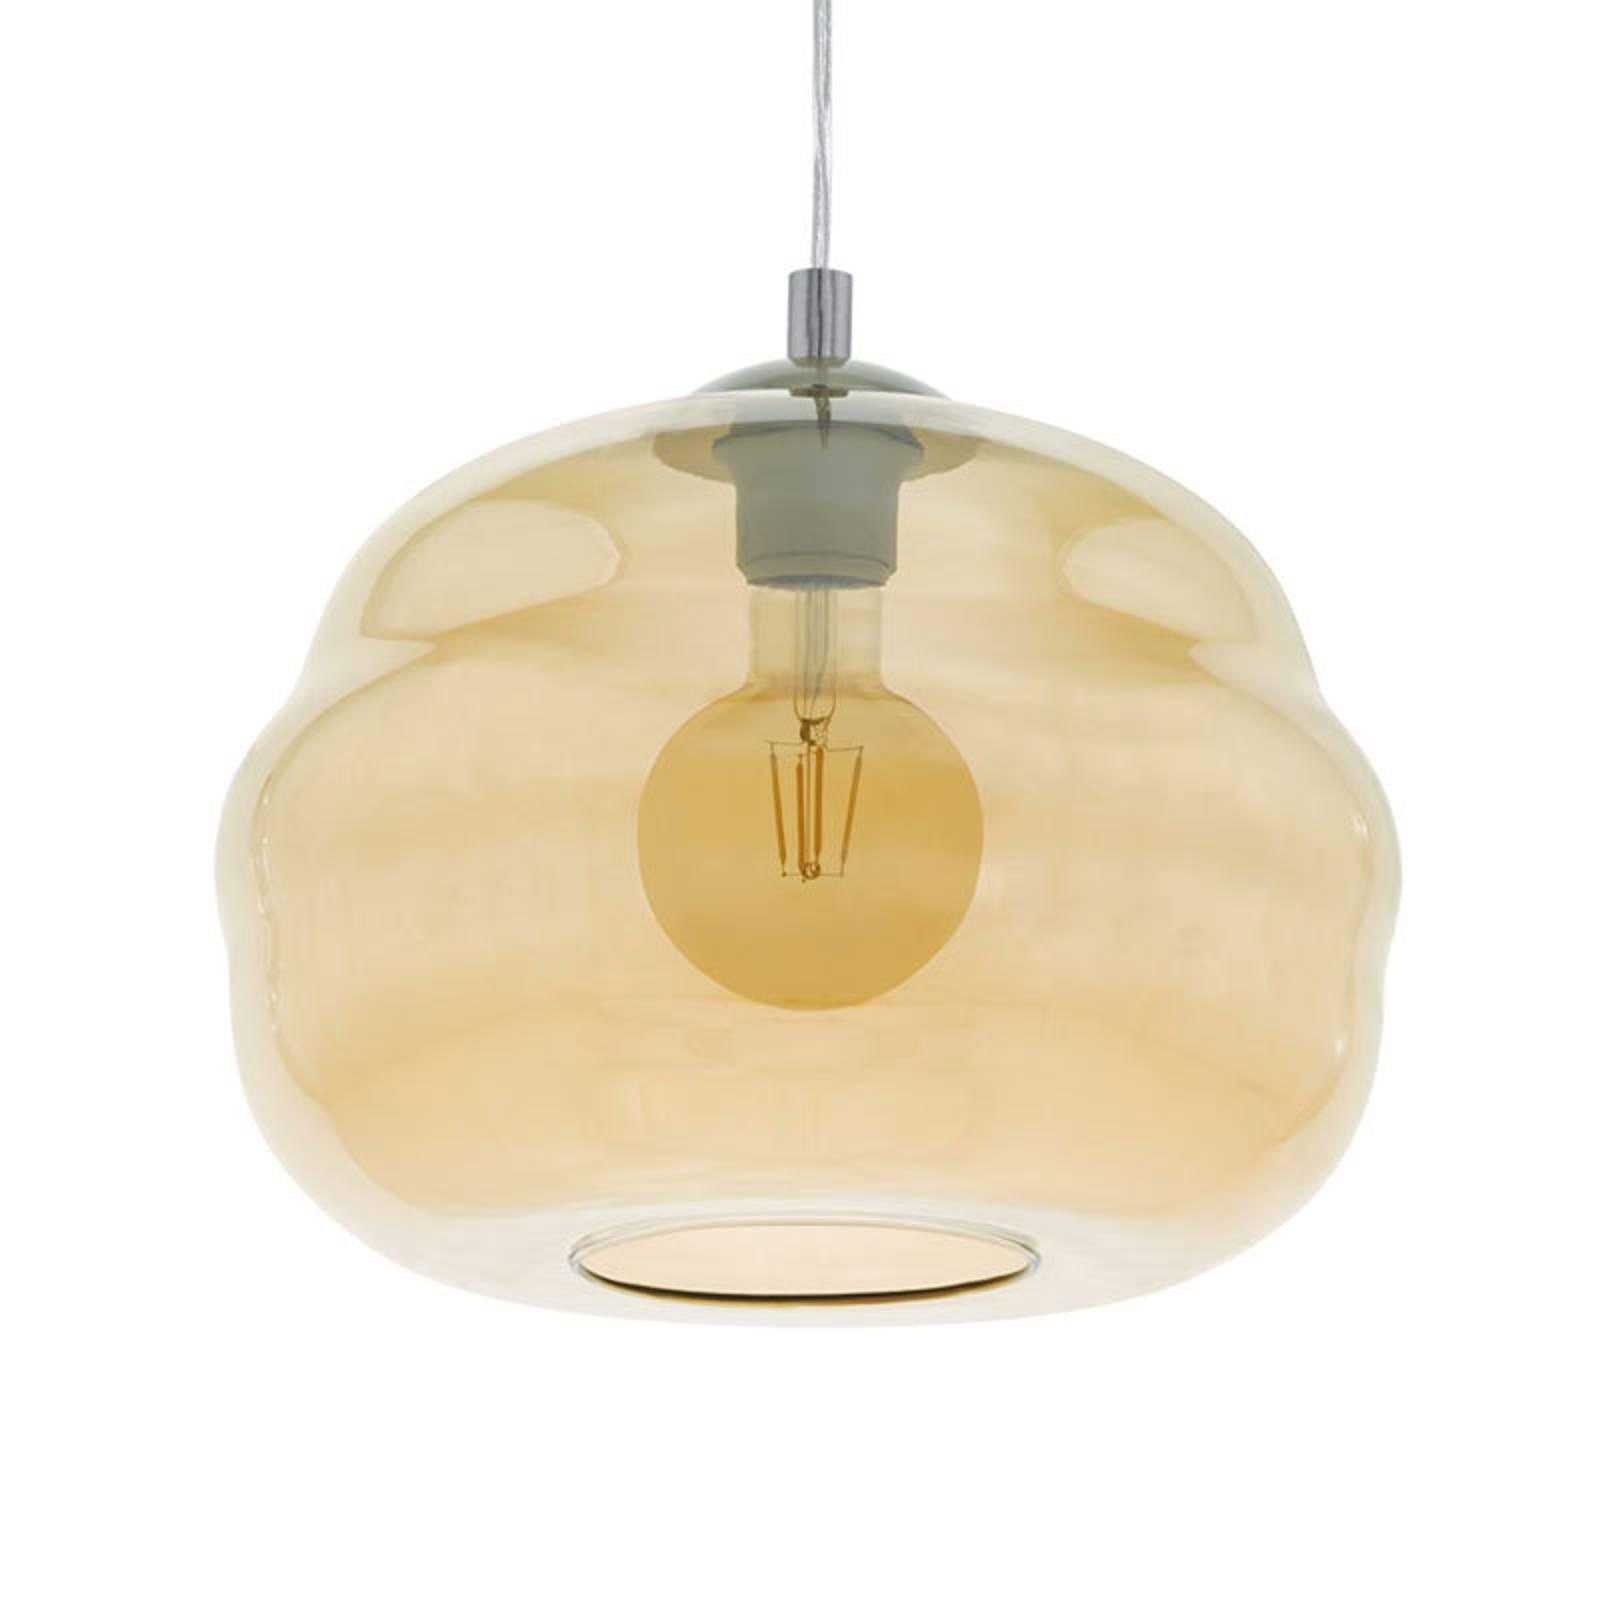 Hanglamp Dogato met glazen kap in Amber